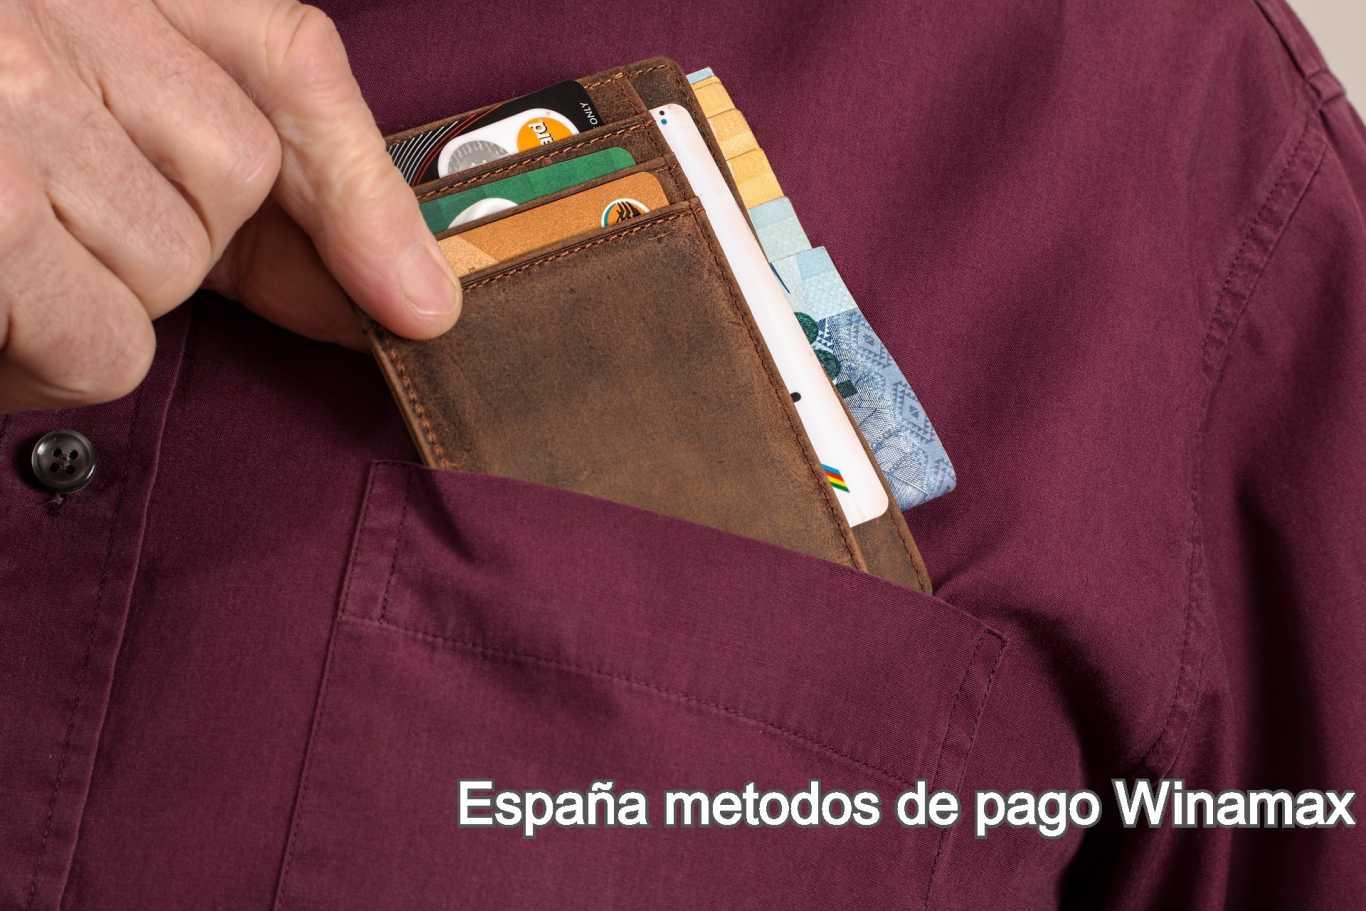 España metodos de pago Winamax